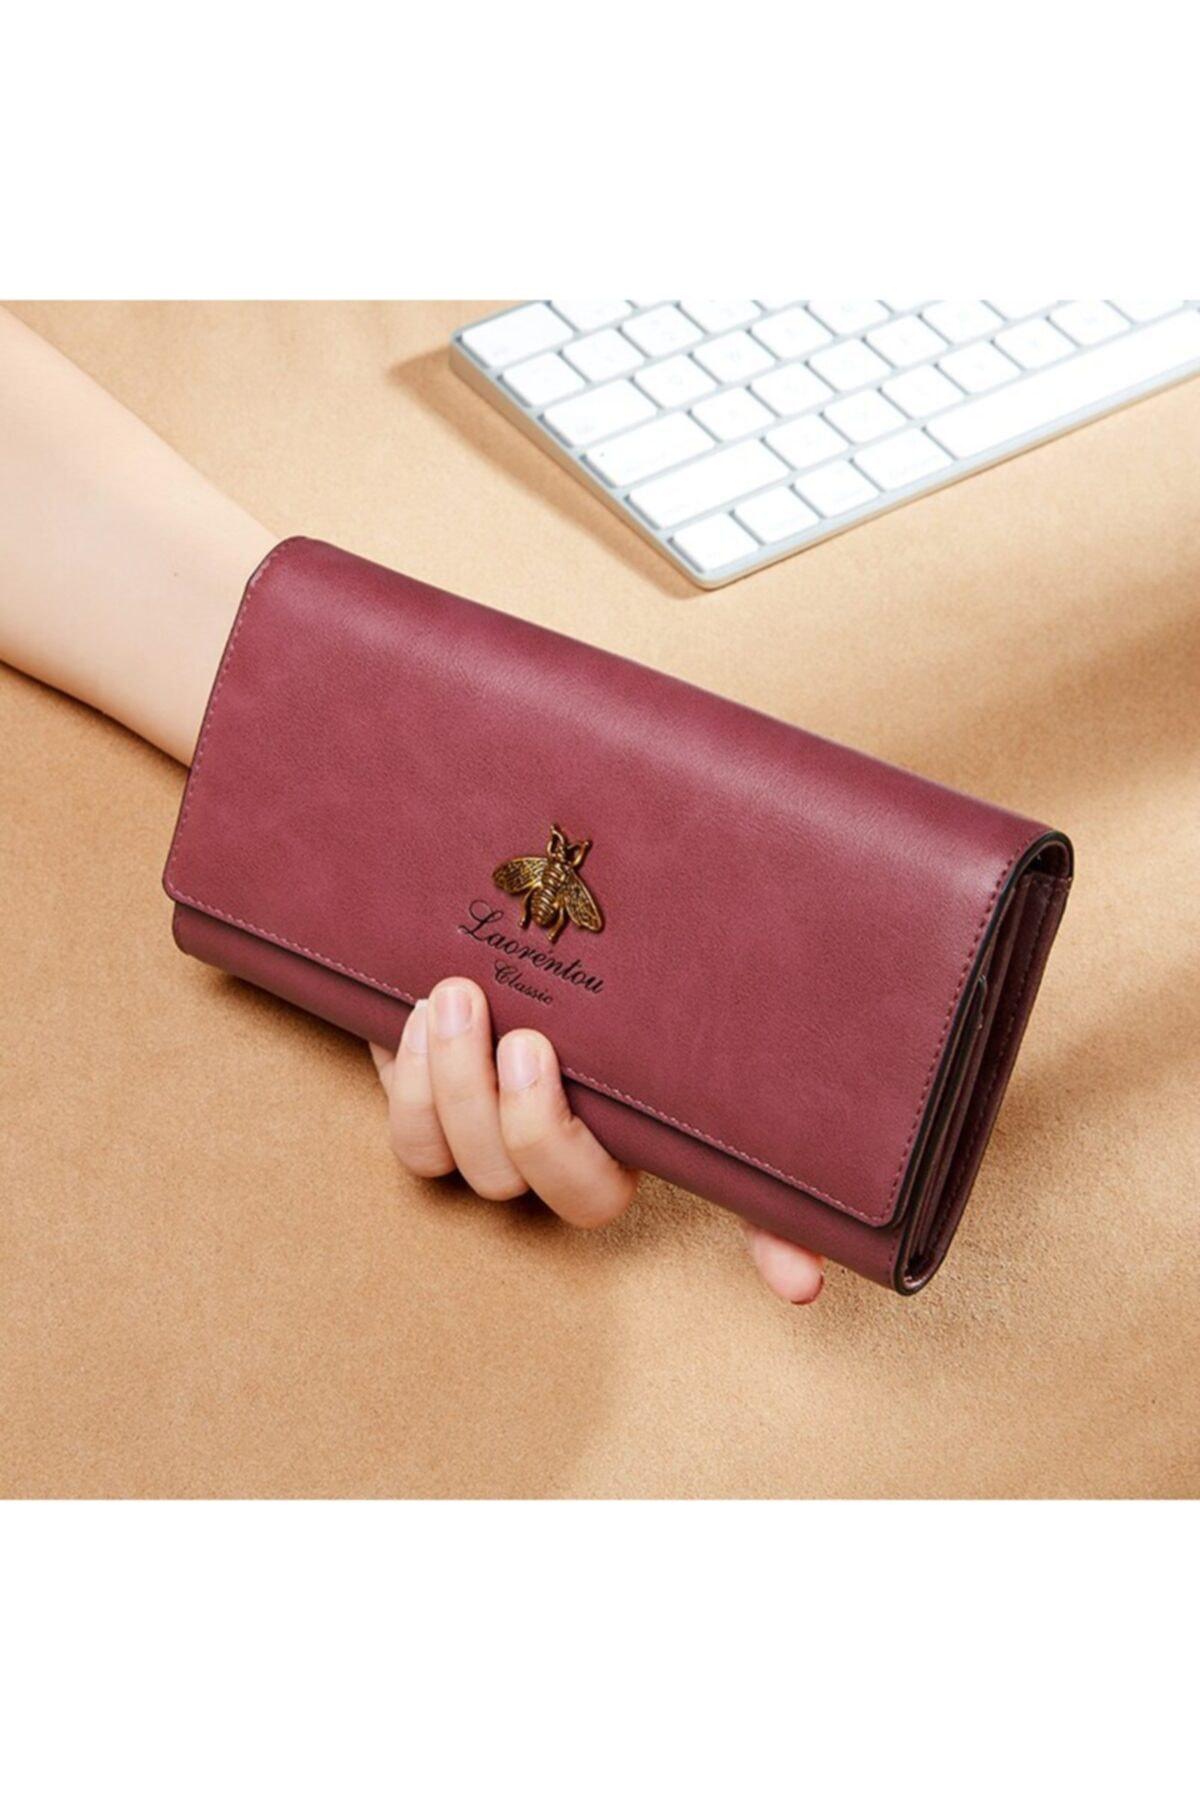 کیف پول جدید برند Laorentou رنگ بنفش کد ty118725116